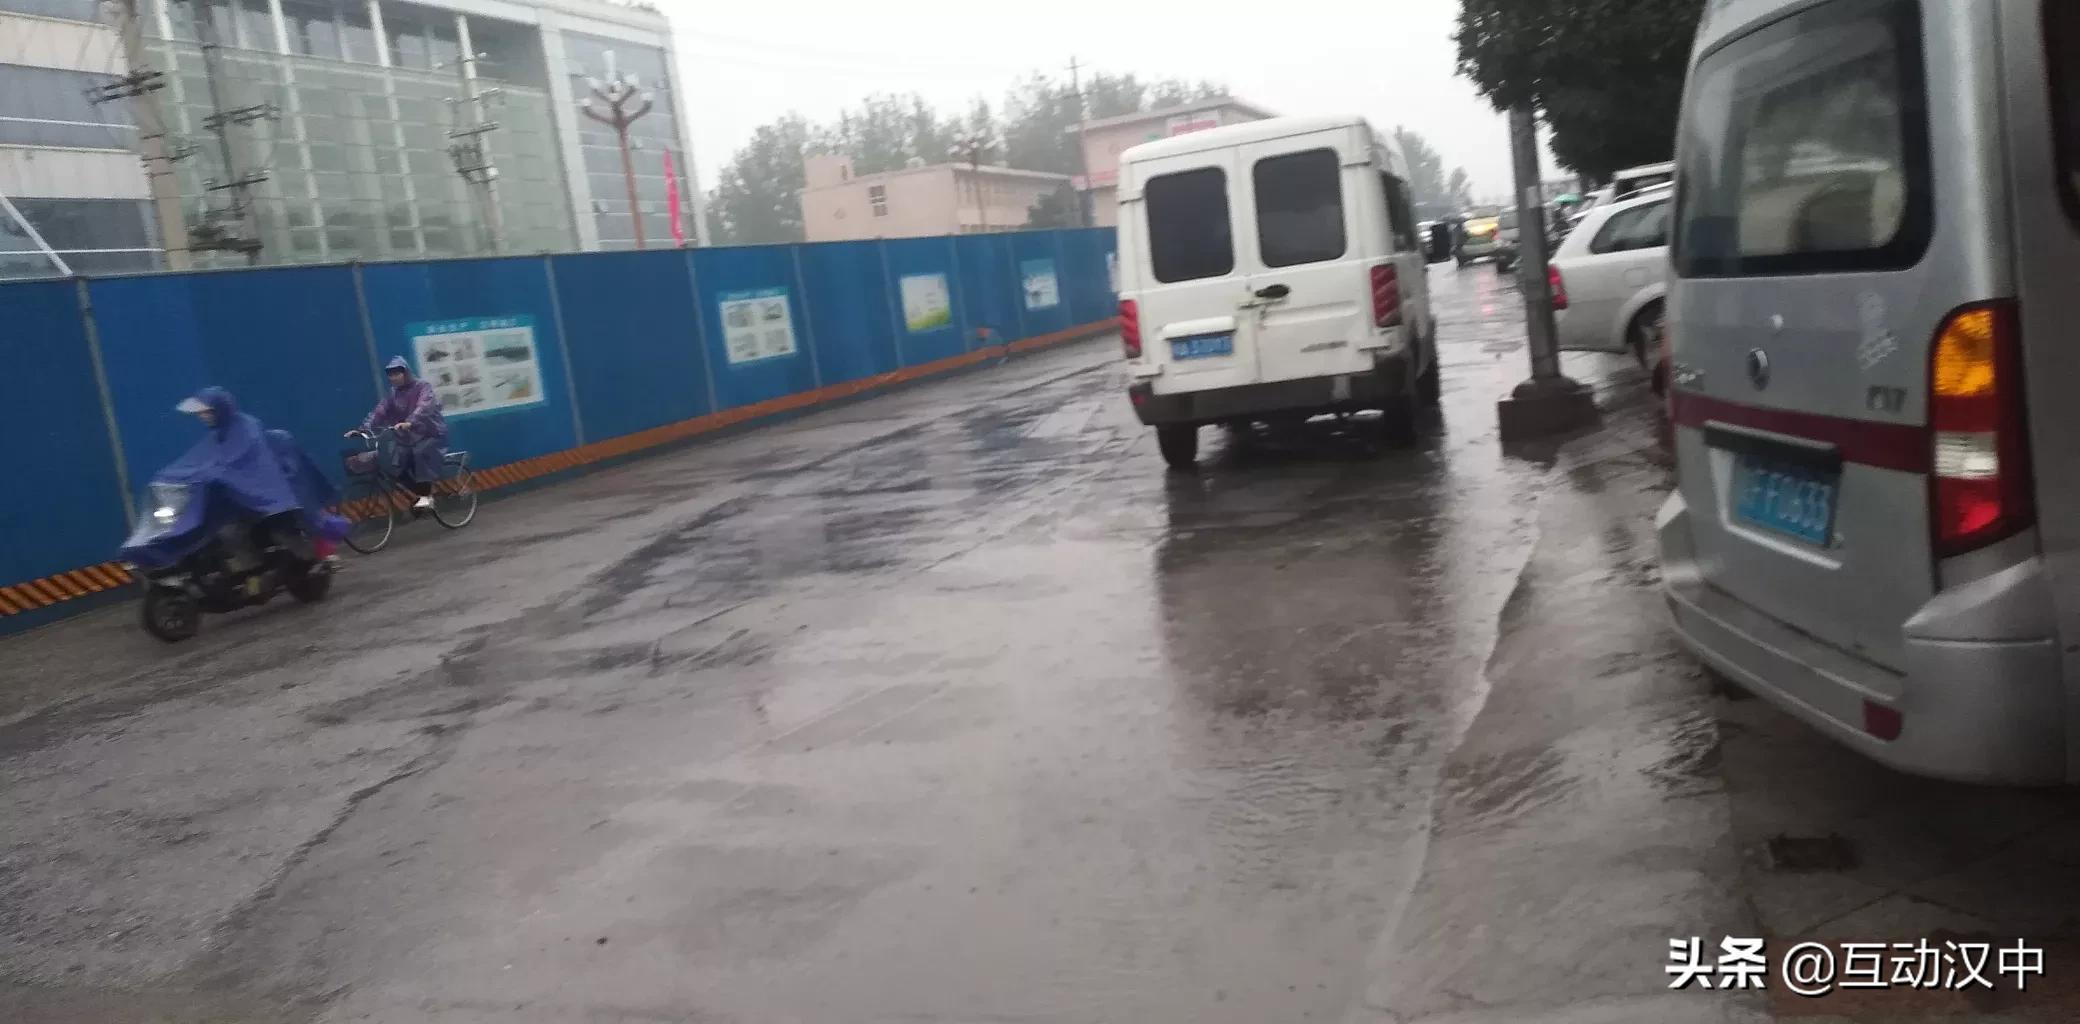 因修路,路�^石�R路�F路�t院段注意安全